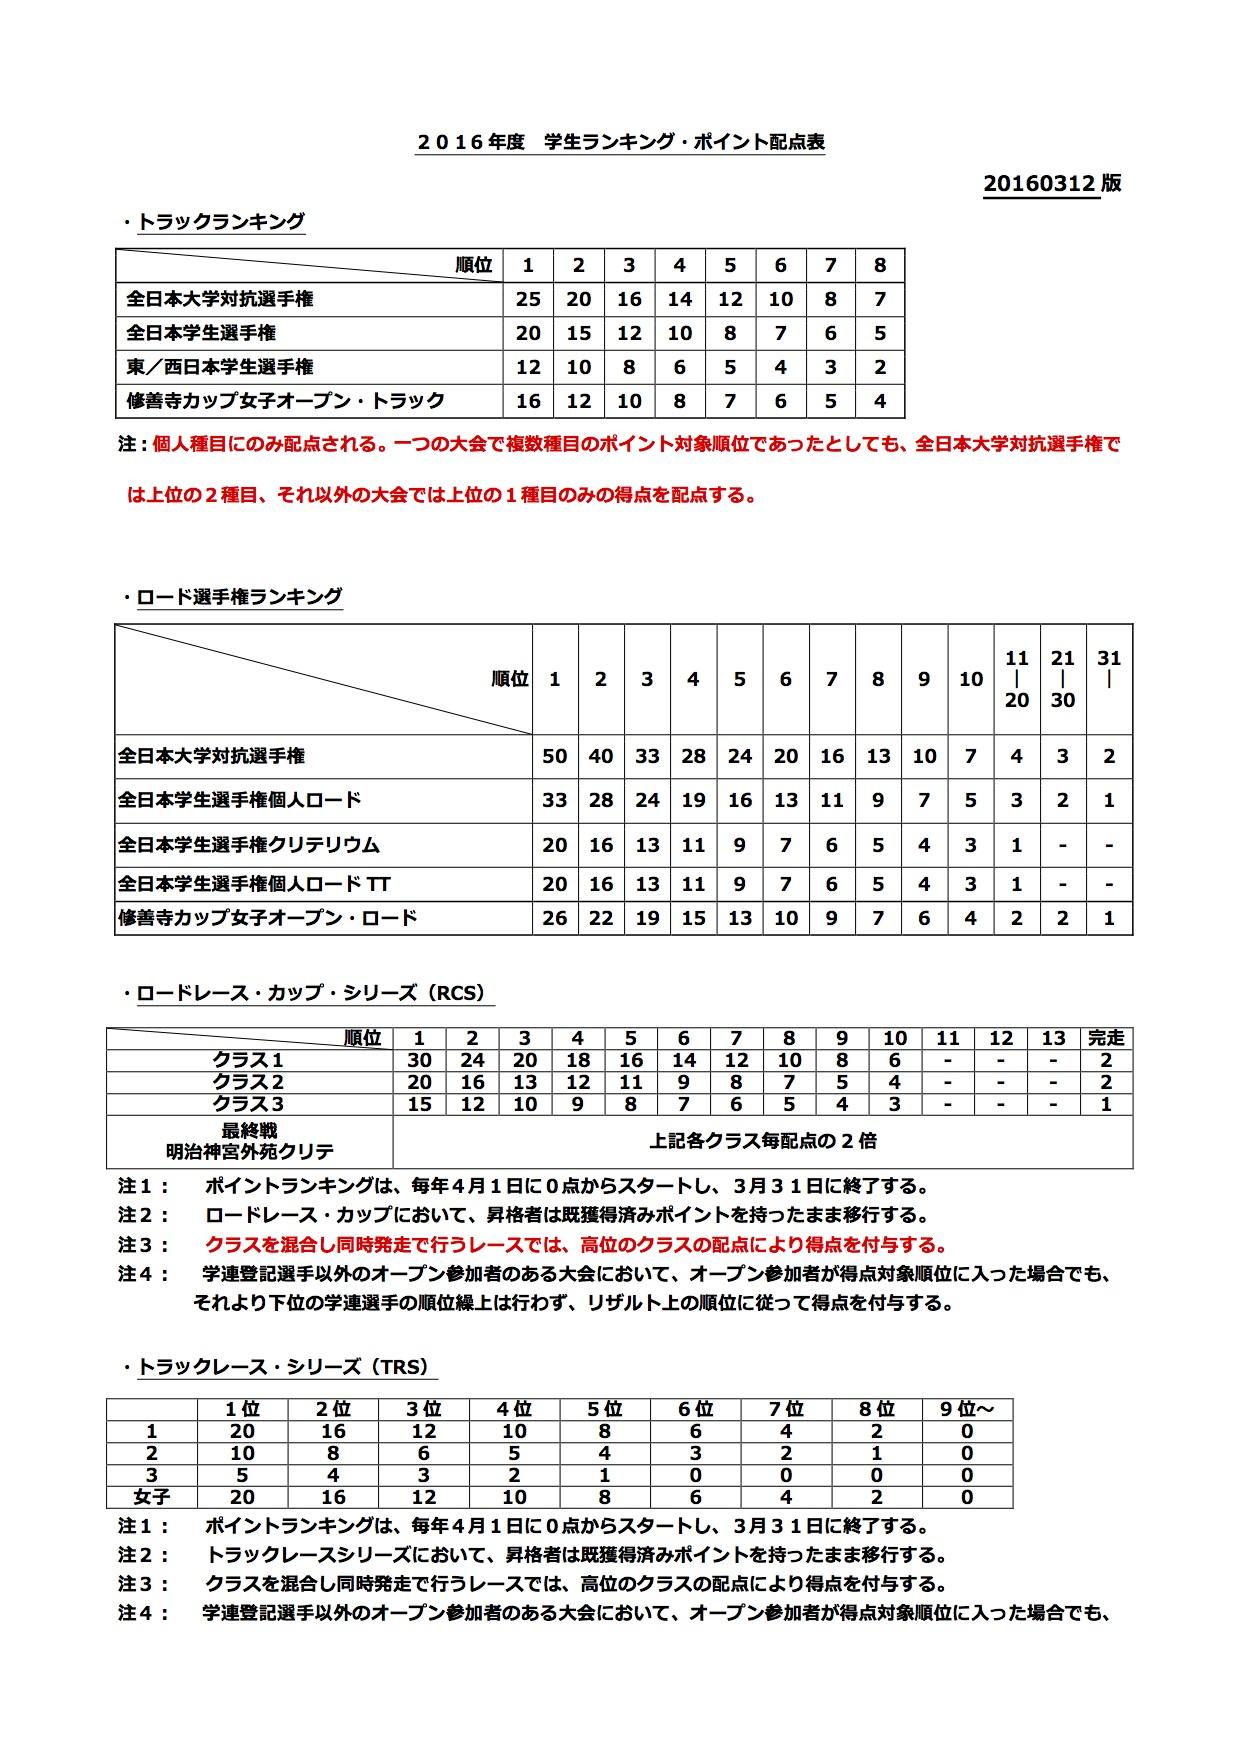 16jicf_sankakijyun_160312_02